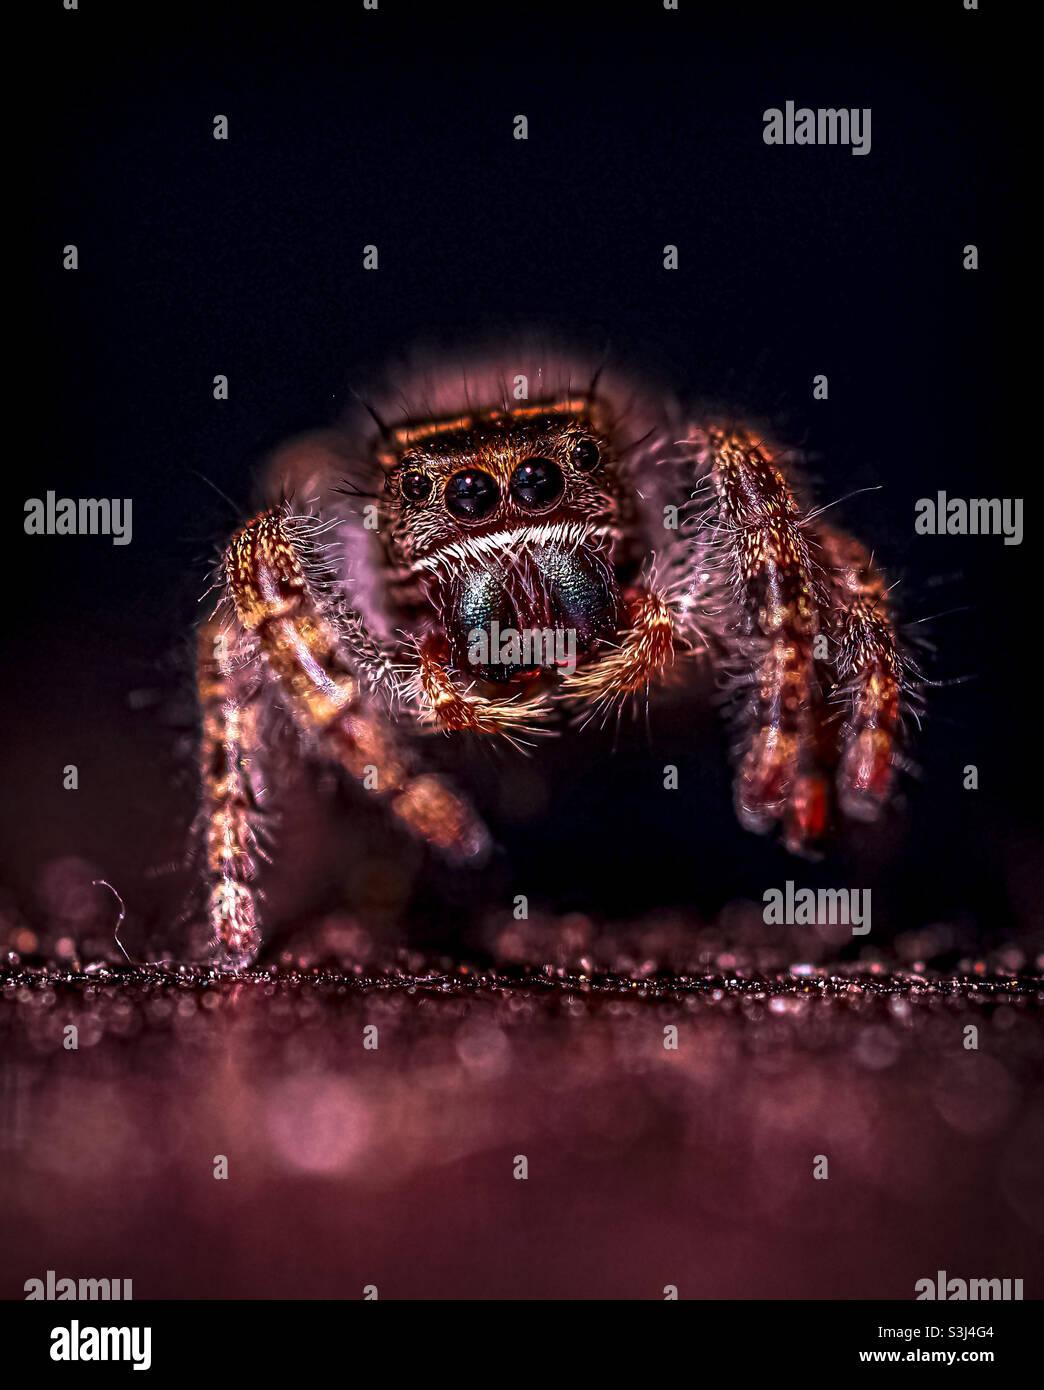 Spider balsassante che salta intorno a mezzogiorno dopo che ha cenato in una mosca comune. Foto Stock